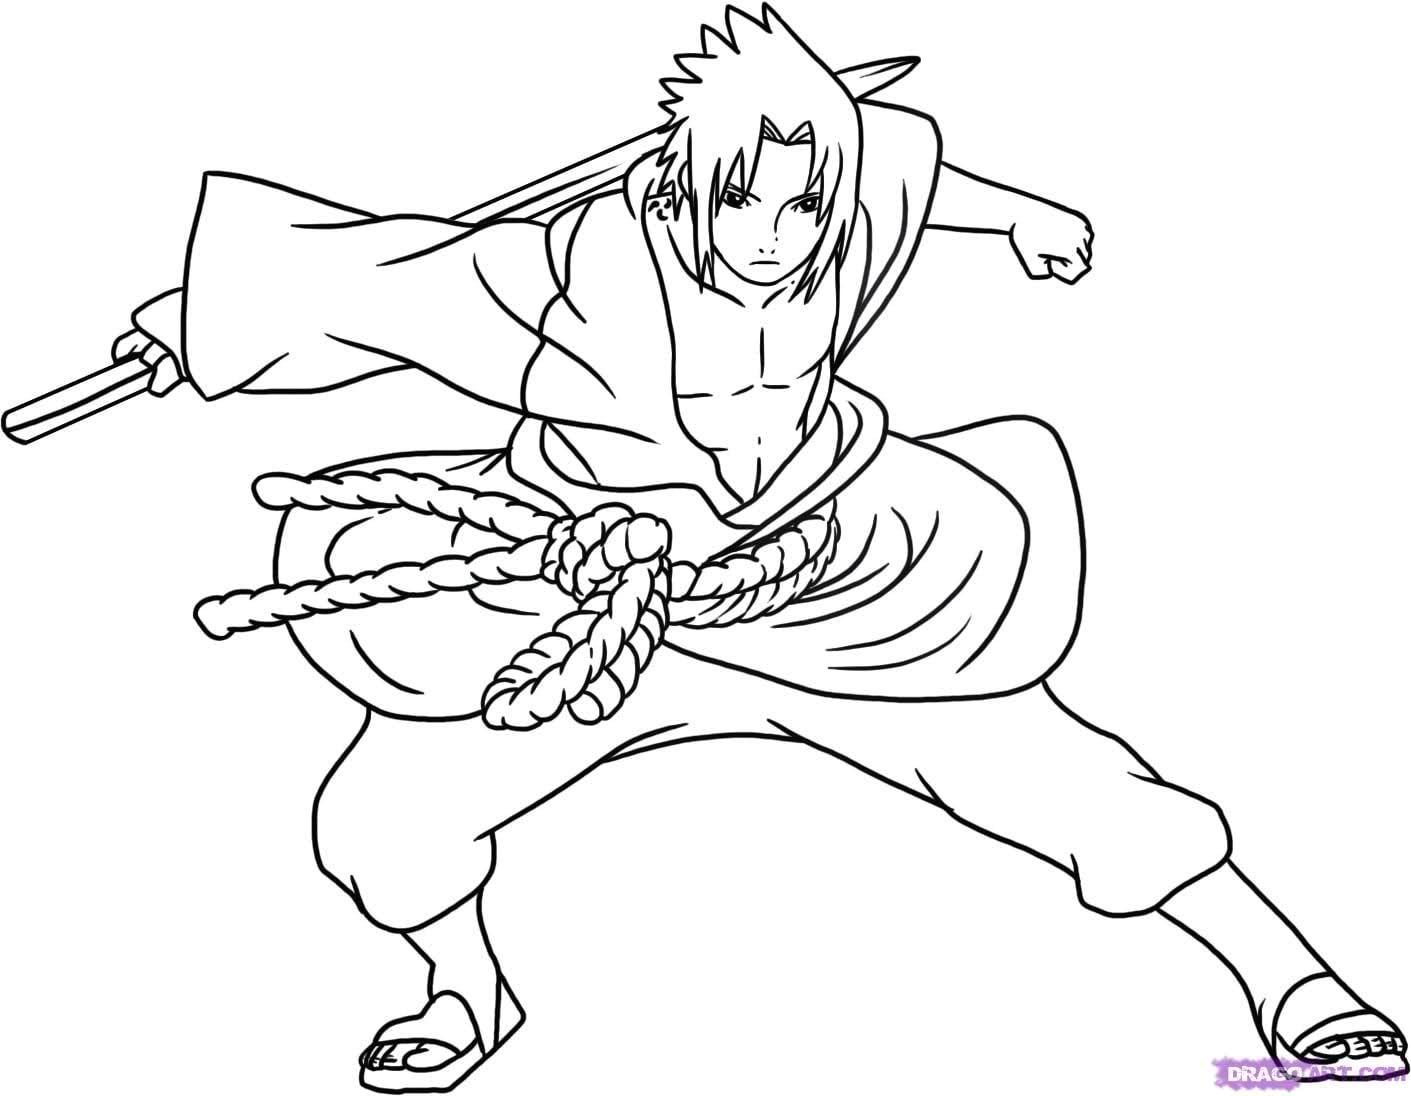 Desenho Para Colorir Desenho Para Colorir Do Naruto – Pampekids Net